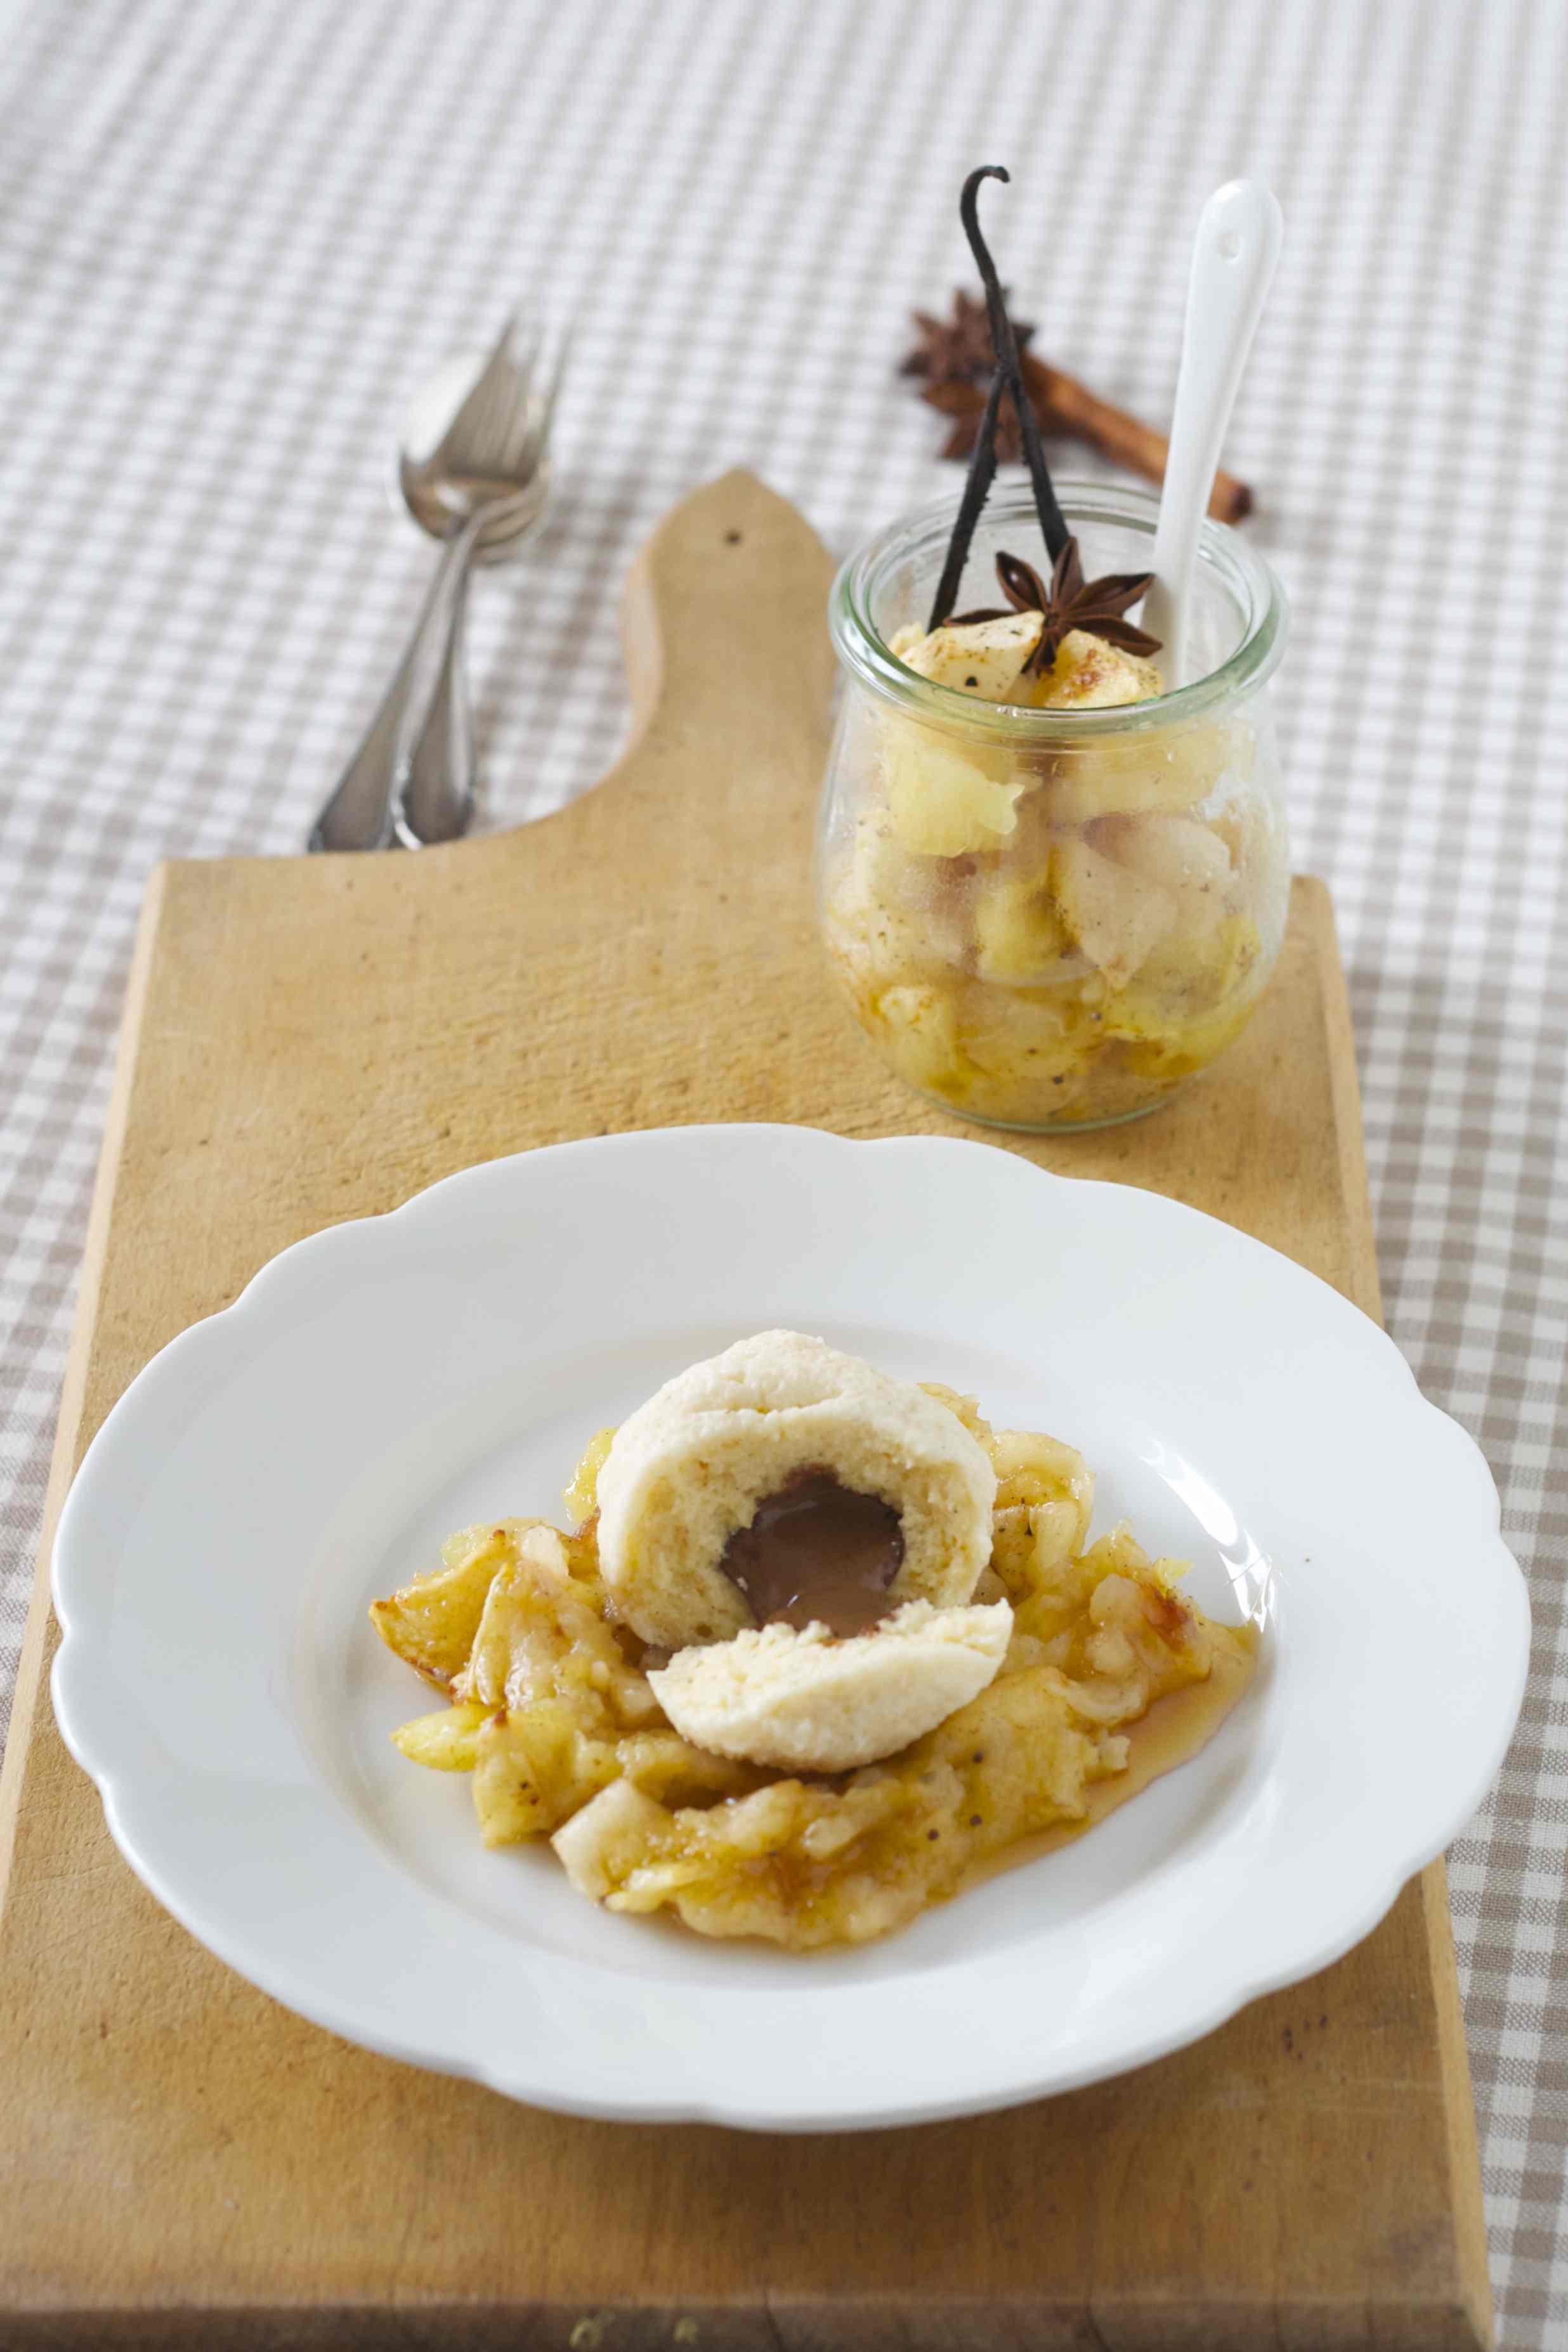 Topfenknödel mit Schokoladenfüllung und Apfel-Ofen-Kompott